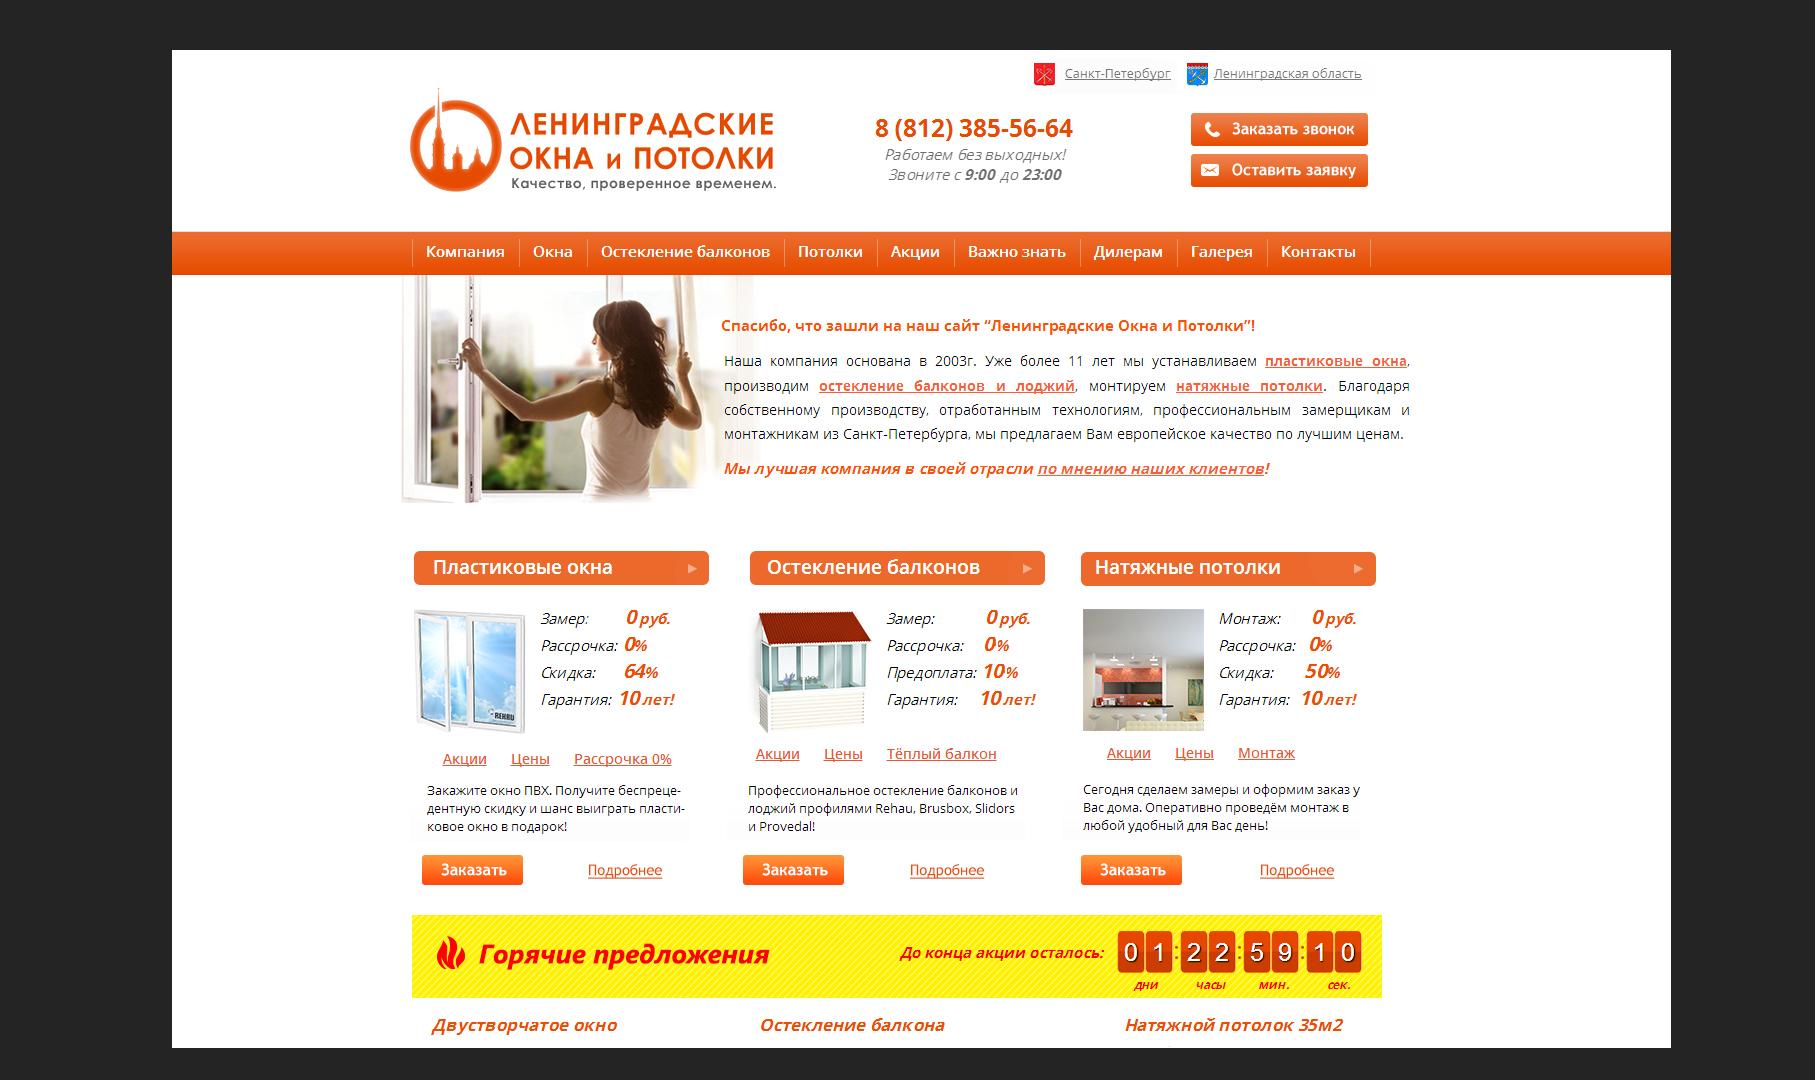 Иллюстрация/картинка для главной страницы сайта фото f_08653fe3bcb7dc93.jpg